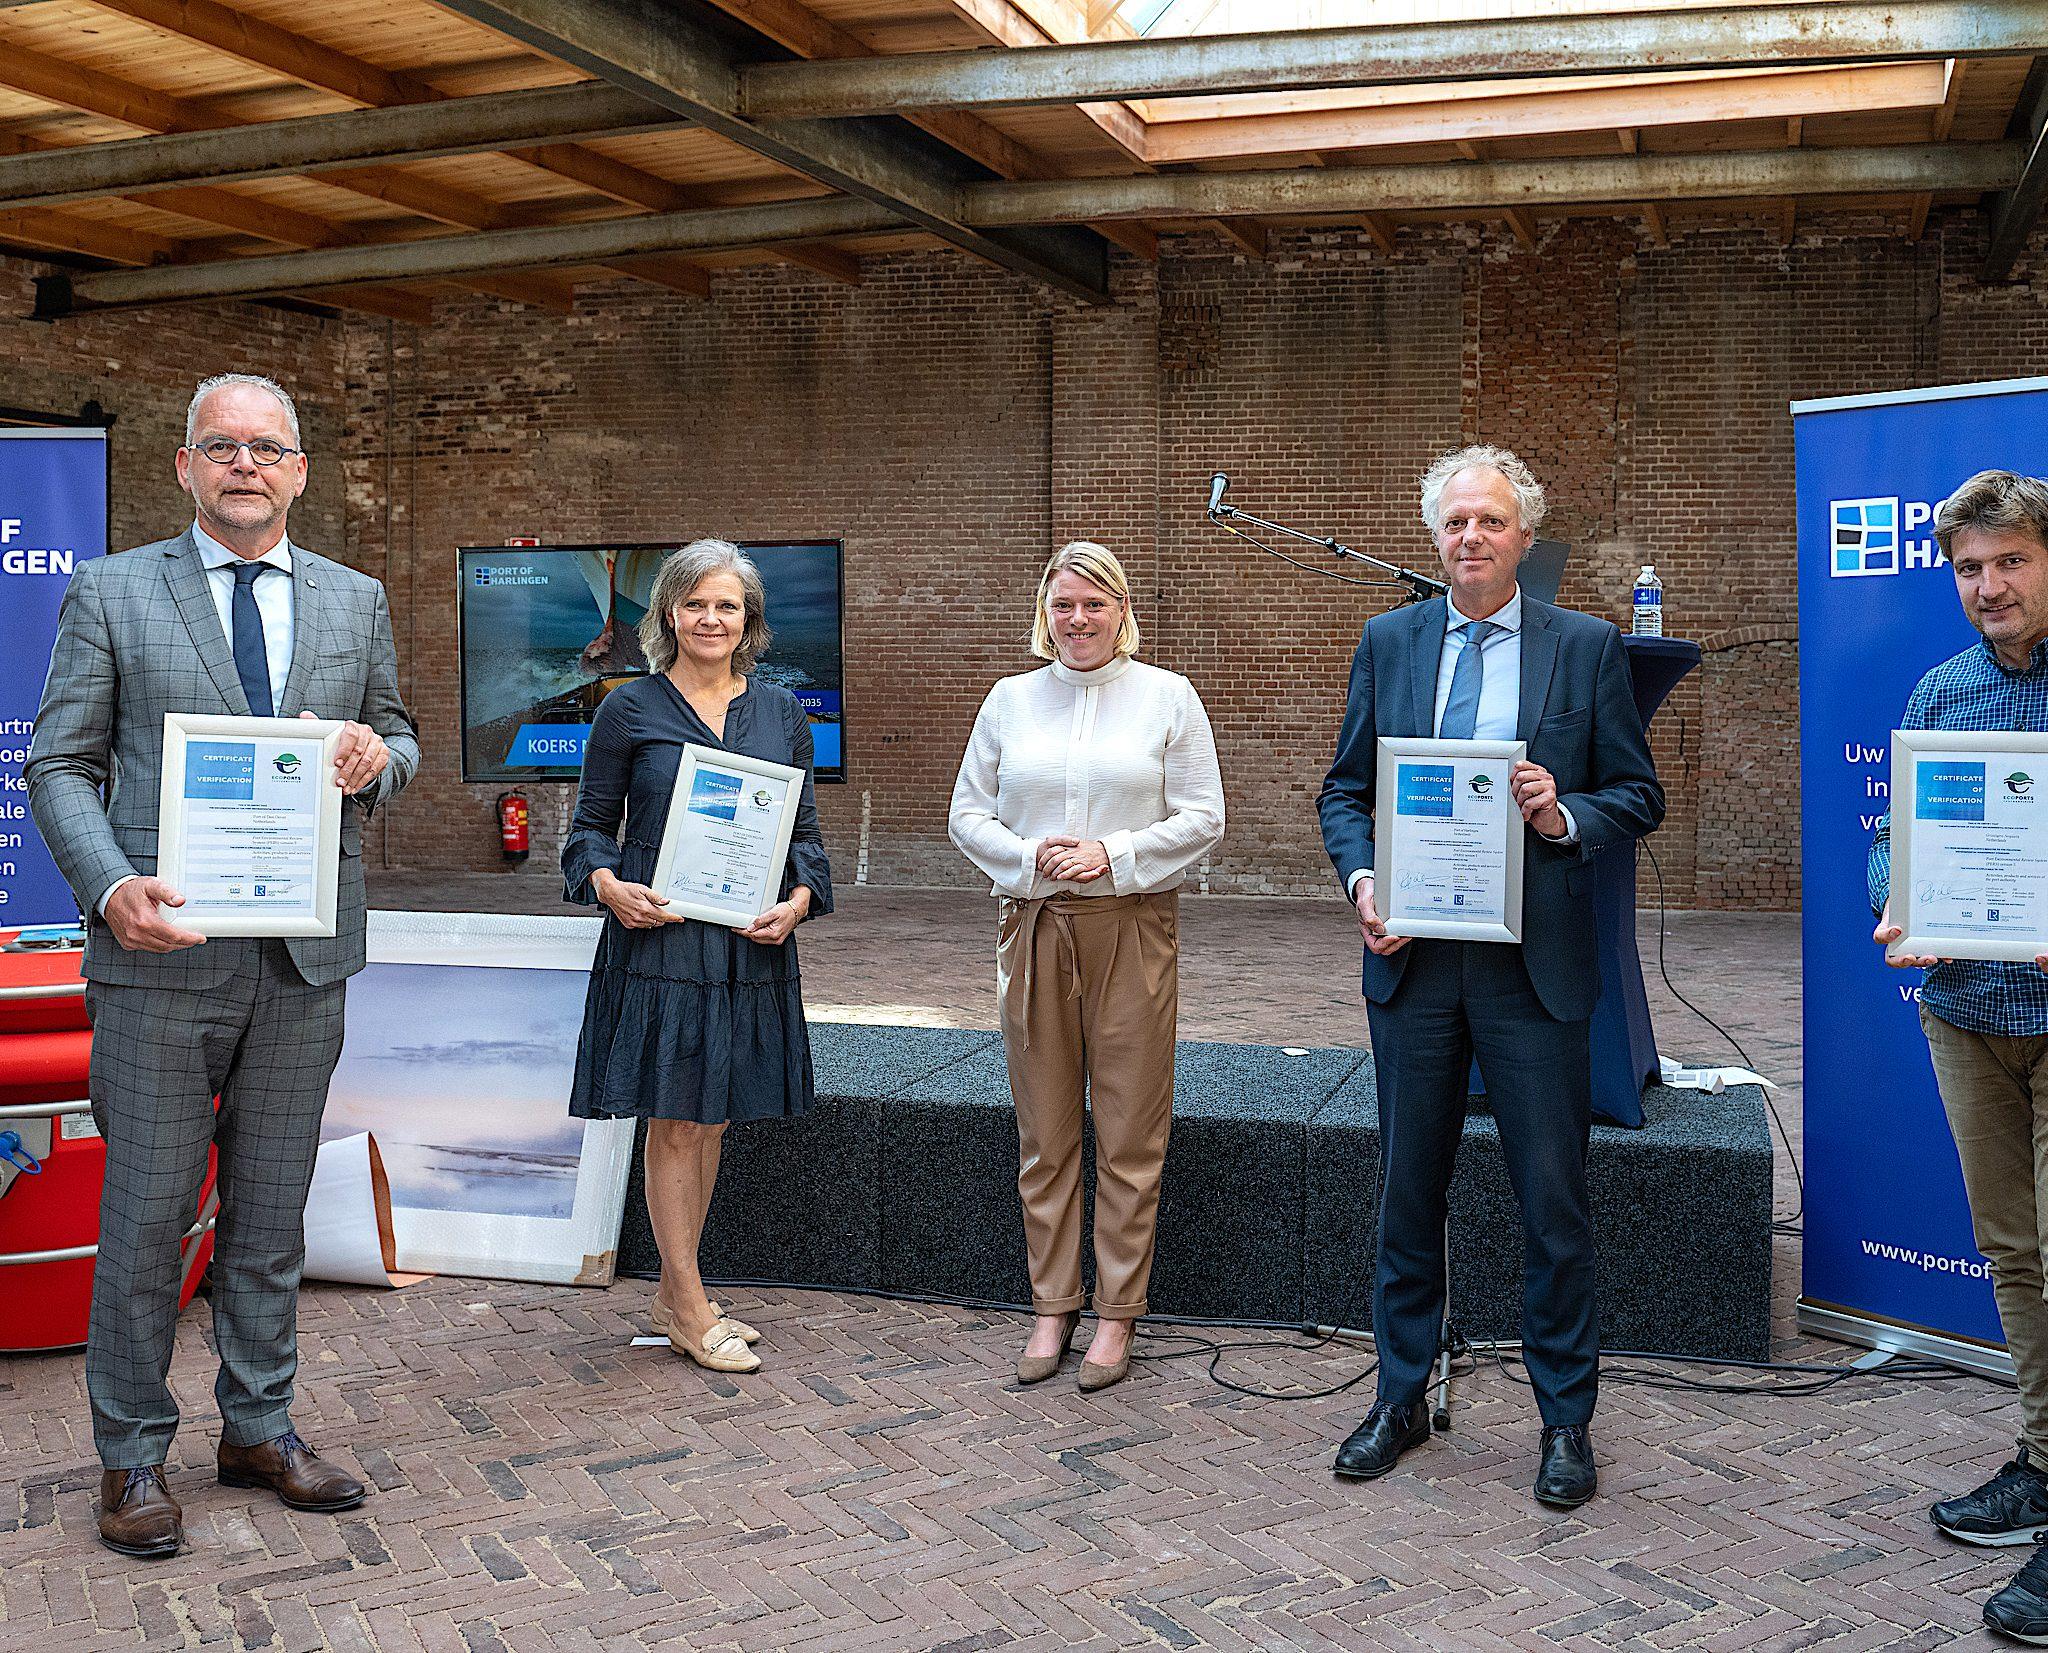 Tussen de afgevaardigden van de havens staat Anne-Wil Lucas, de nieuwe voorzitter van de Raad van Advies. (Foto Joachim de Ruijter)